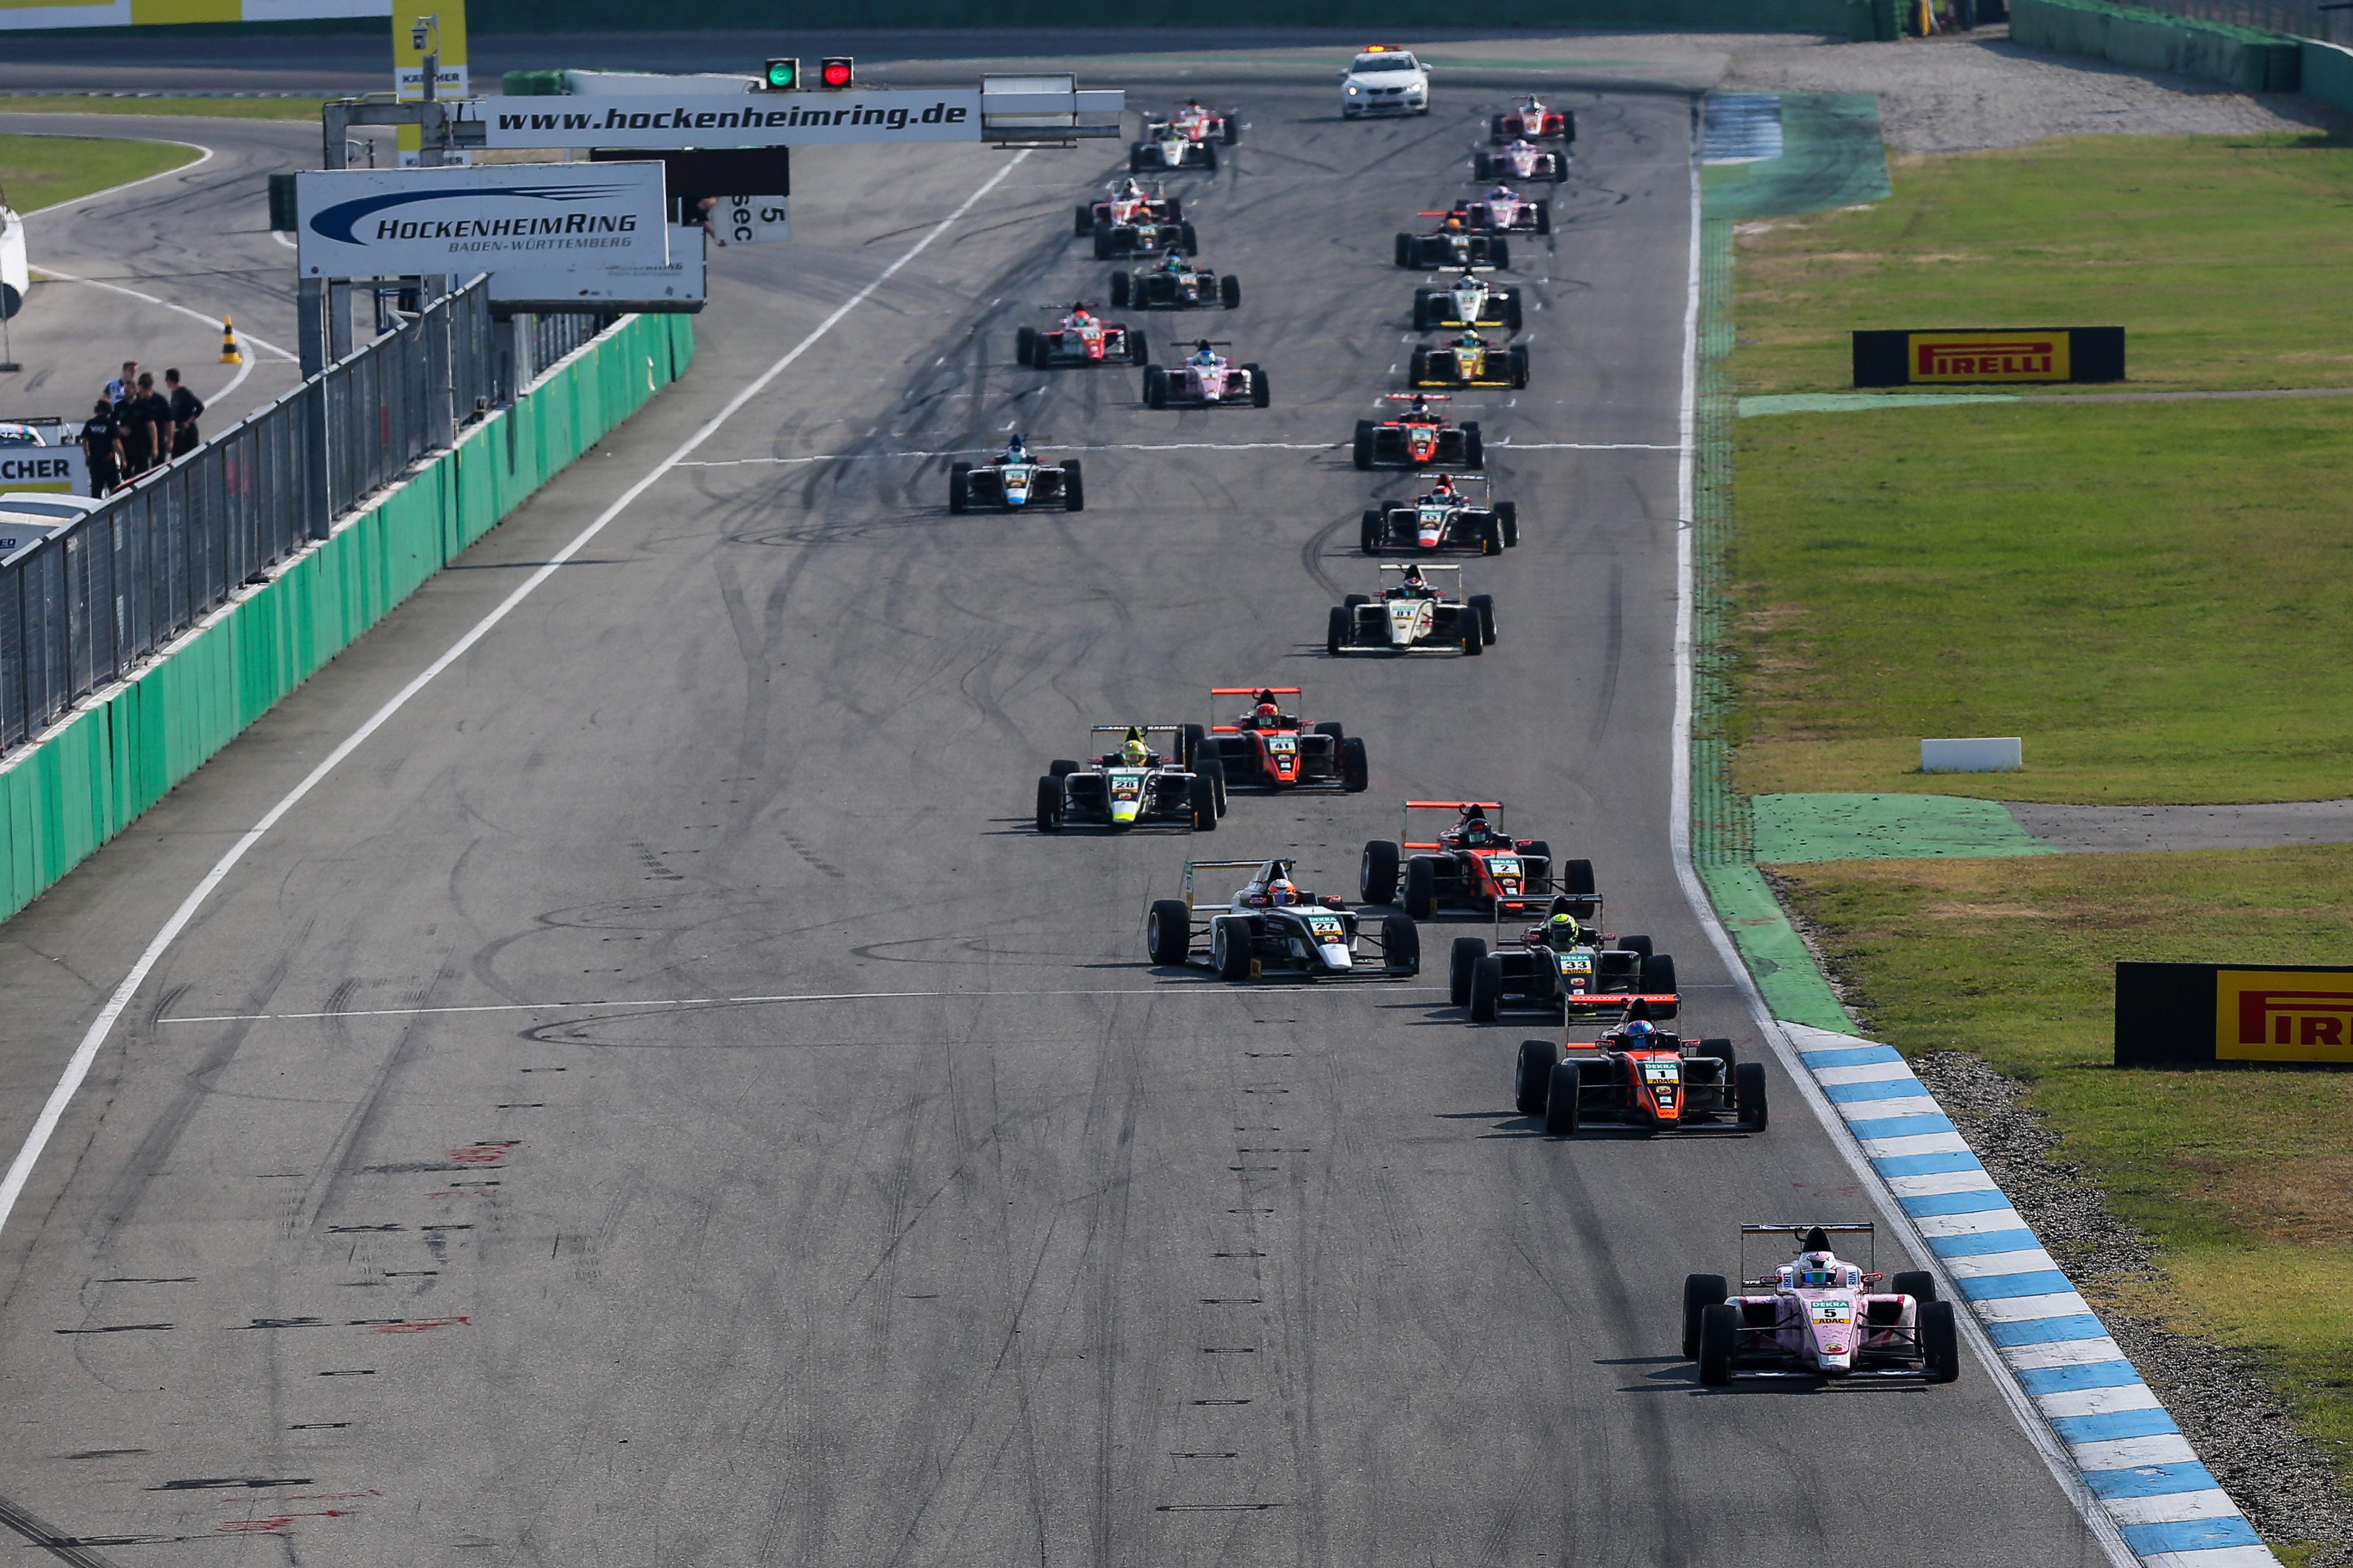 ▷ ADAC Formel 4 startet im Rahmen der Formel 1 | Presseportal